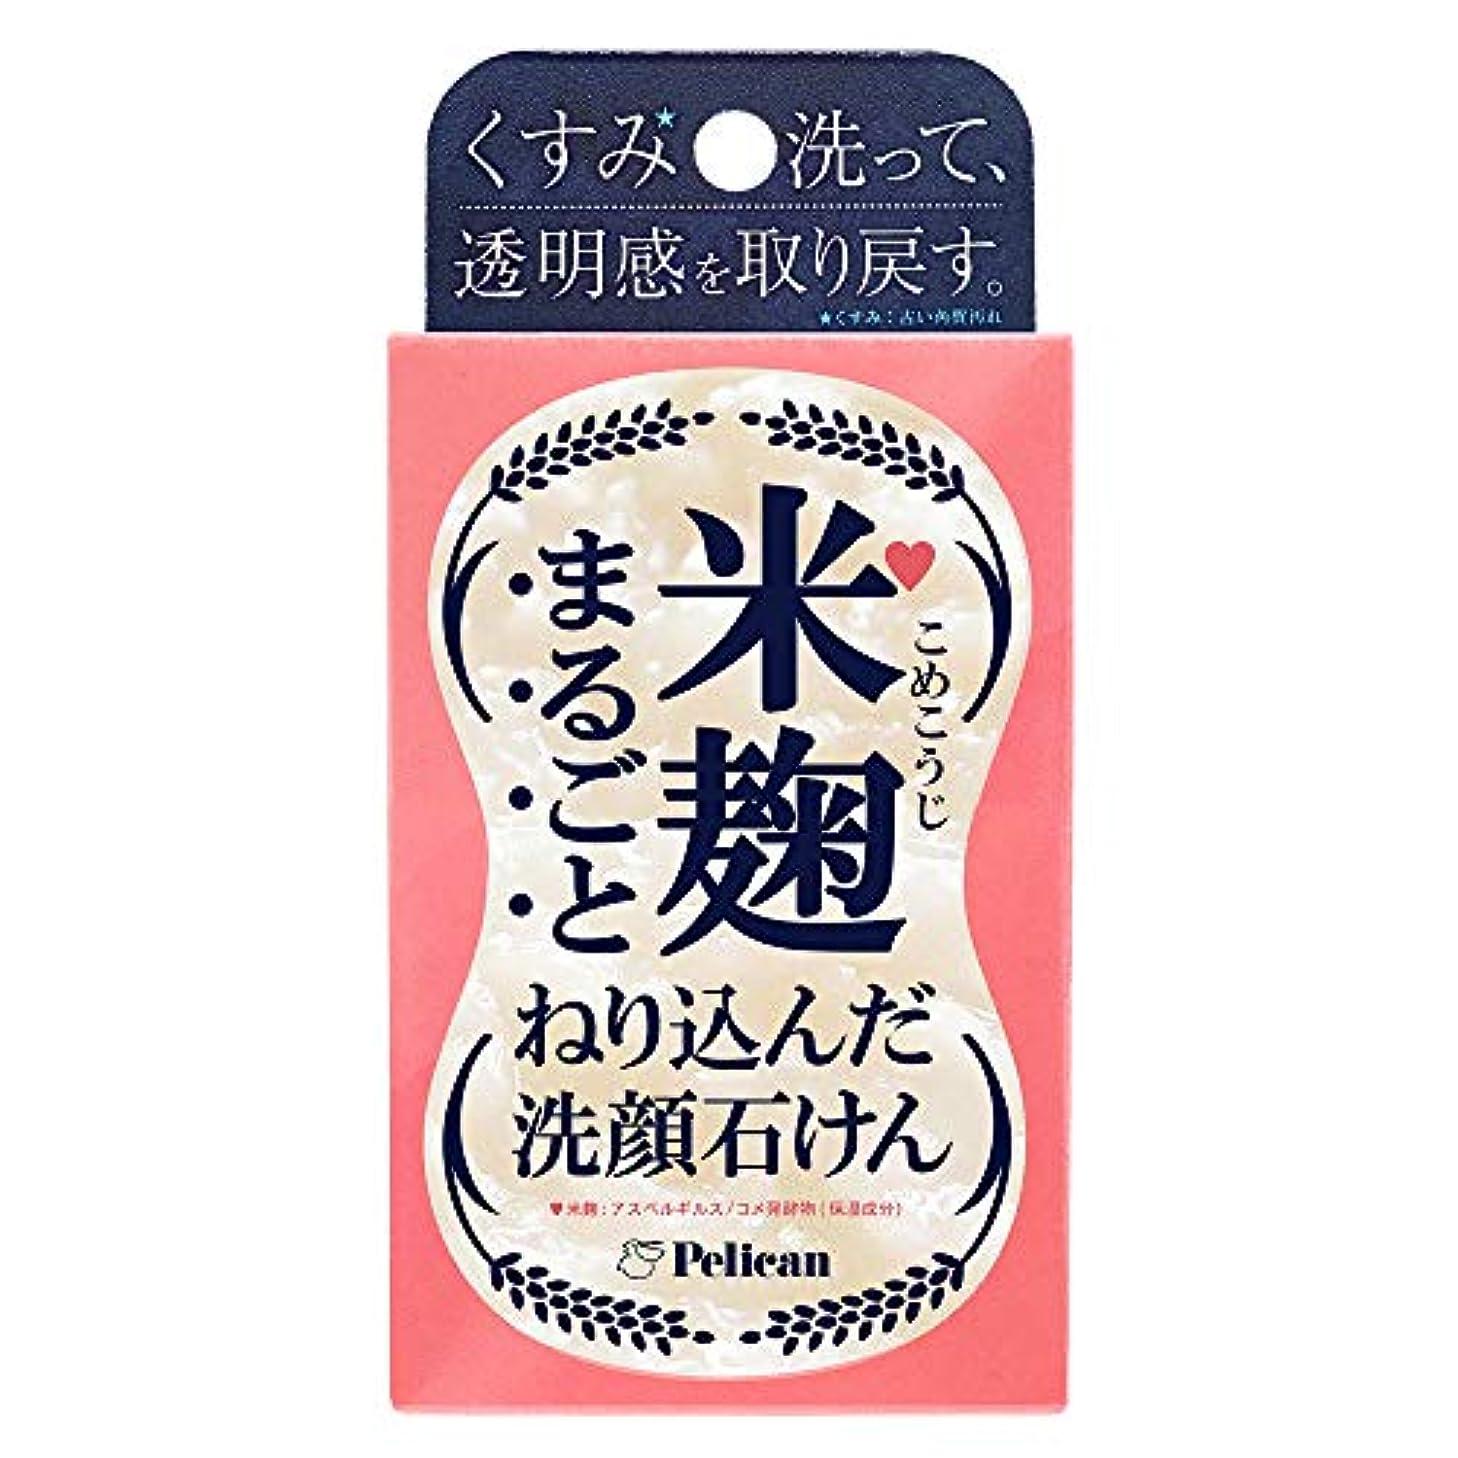 証拠余暇クモペリカン石鹸 米麹まるごとねり込んだ洗顔石けん 75g